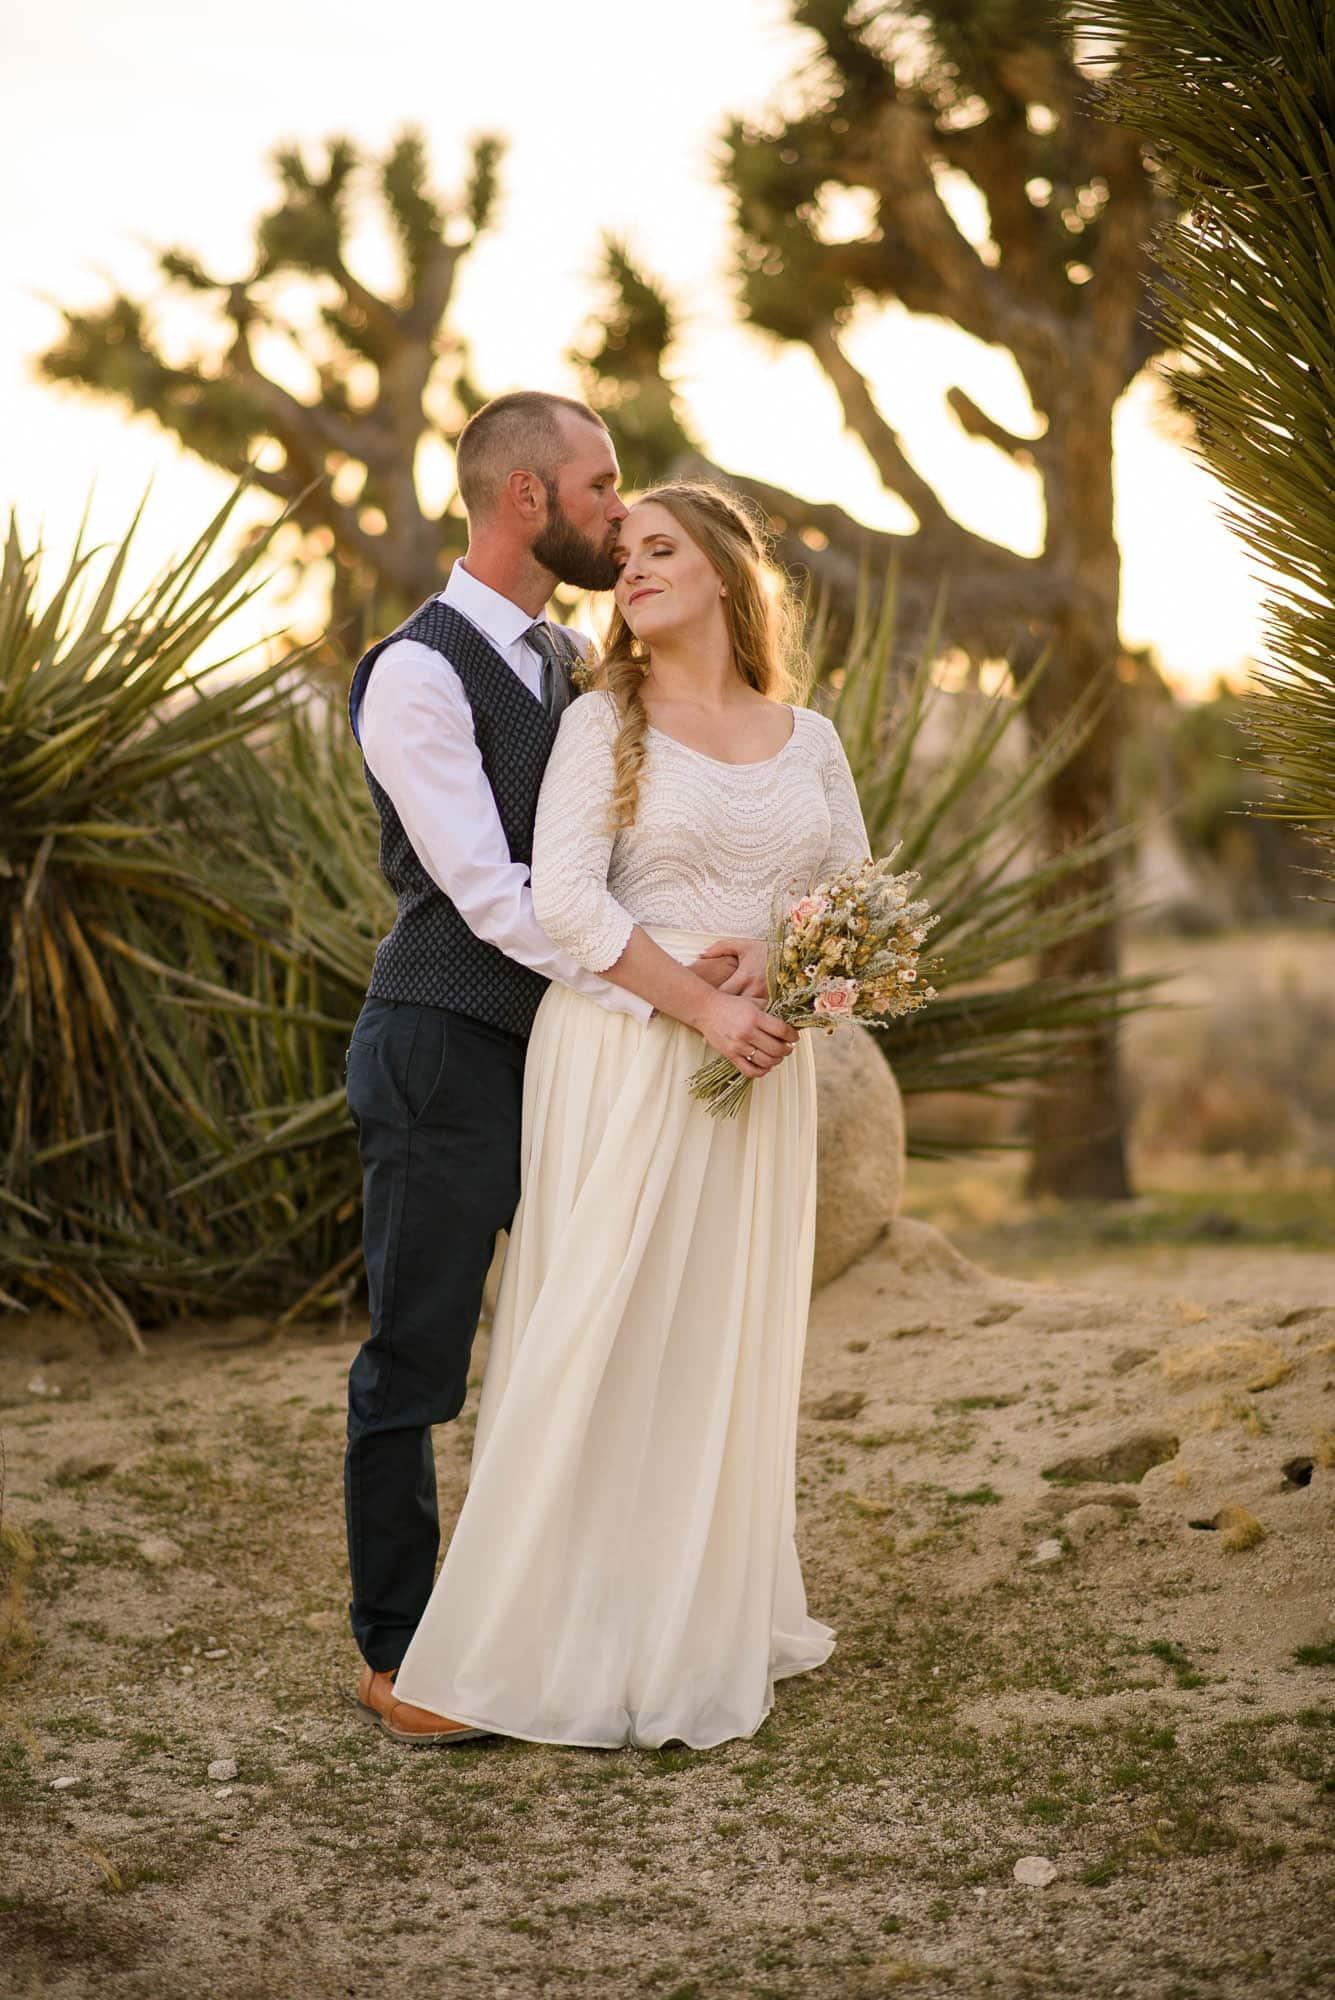 043_Alan_and_Heidi_Wedding_Abby_Tyler